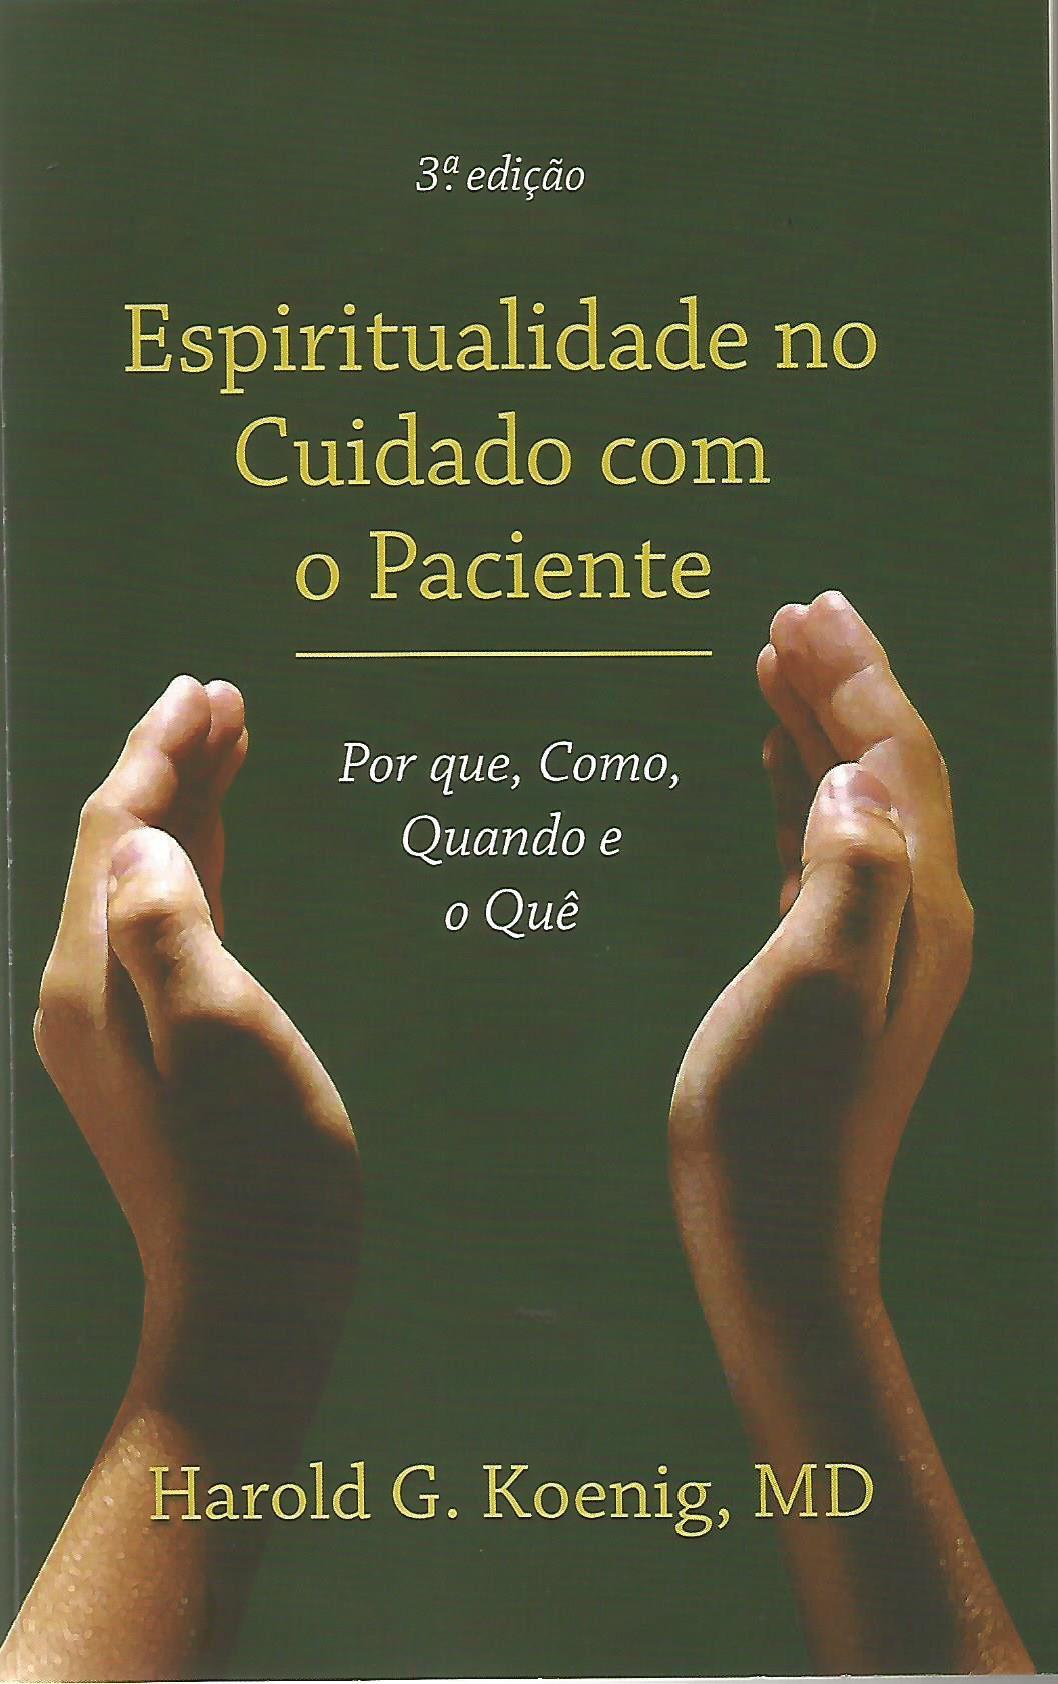 Livro: Espiritualidade no Cuidado Com o Paciente 3ª edição  - Loja AMESP